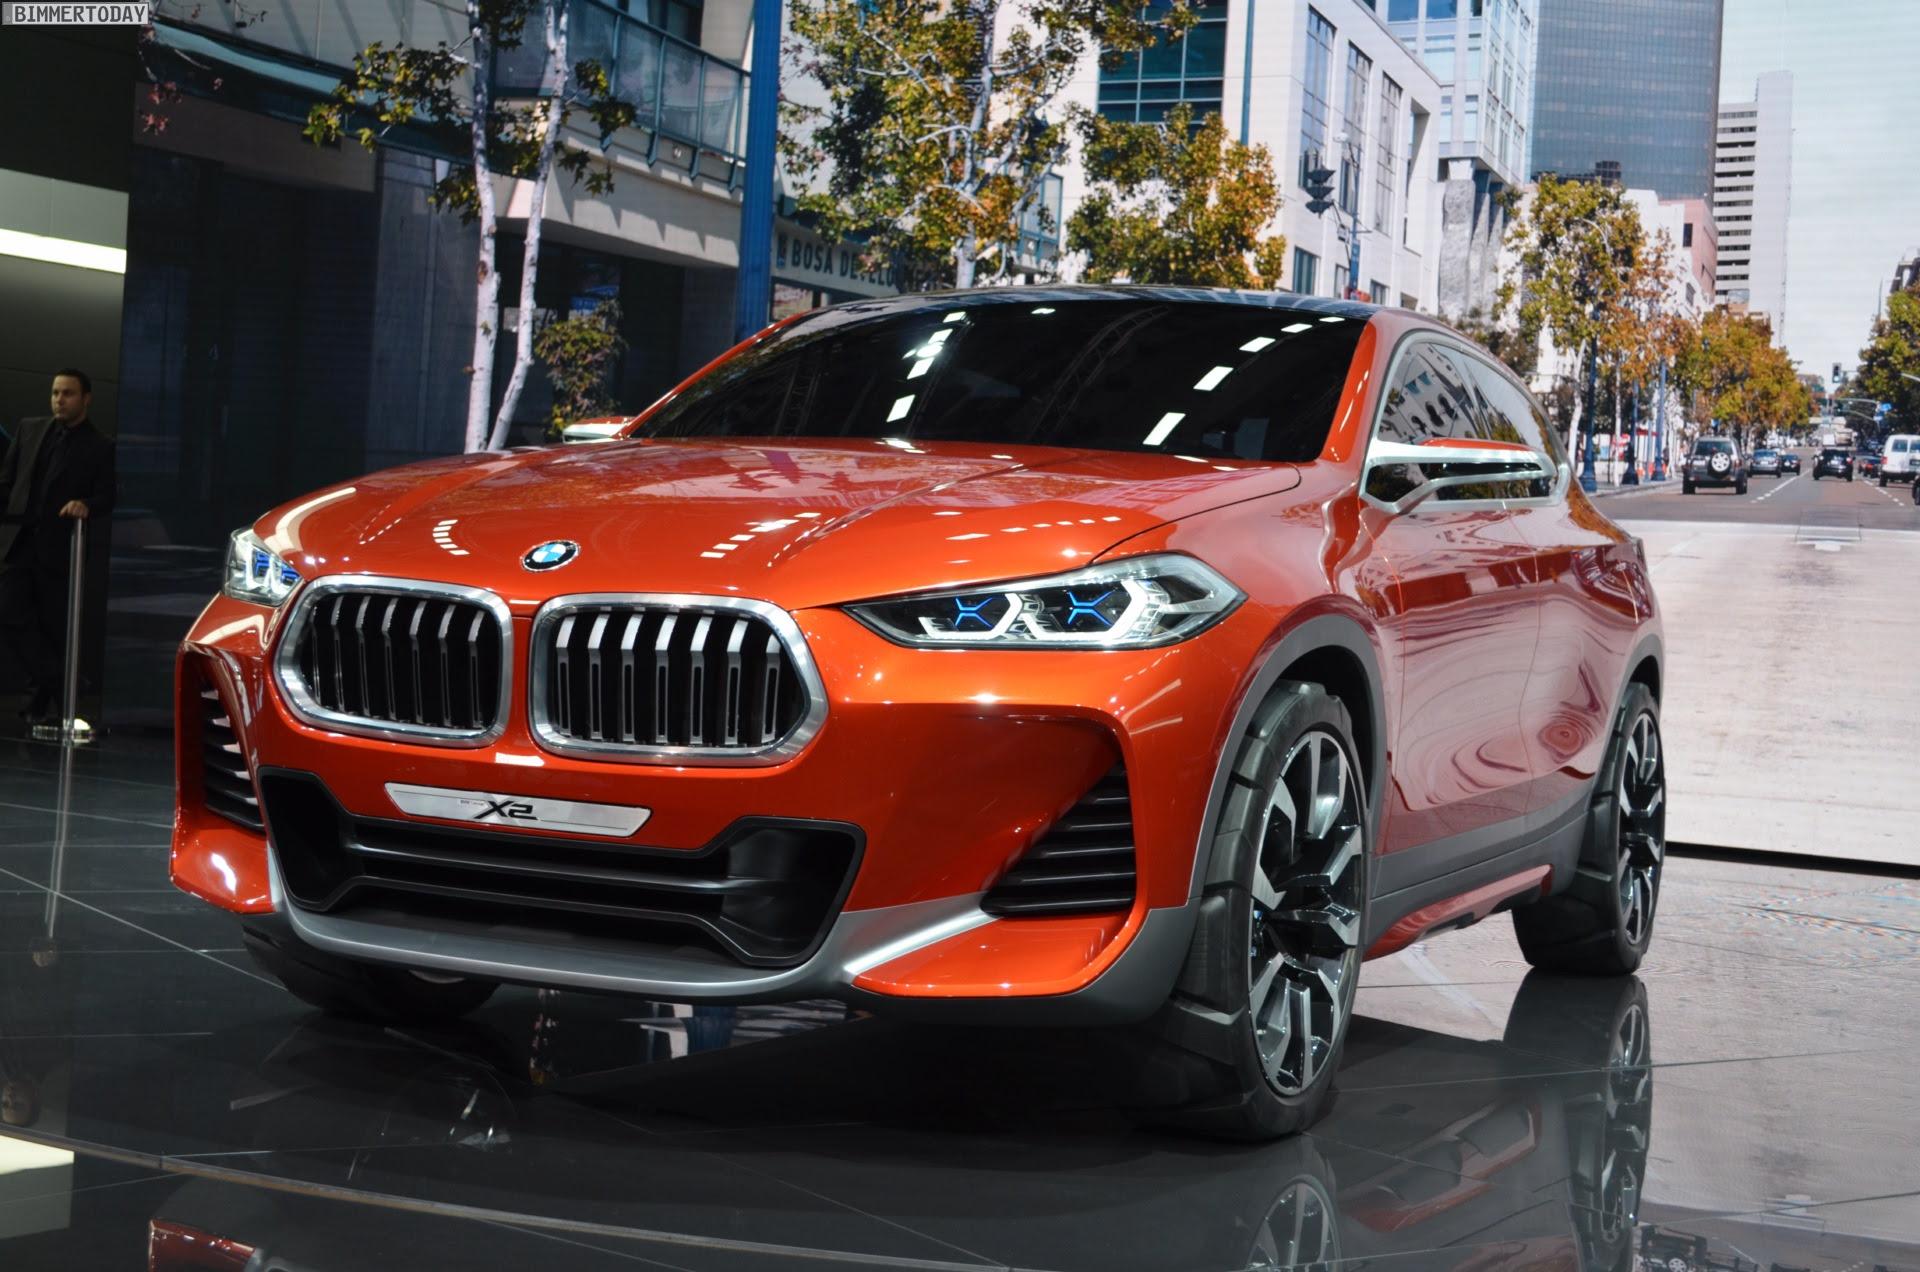 BMW X2 Concept: Erste Live-Fotos vom Autosalon Paris 2016